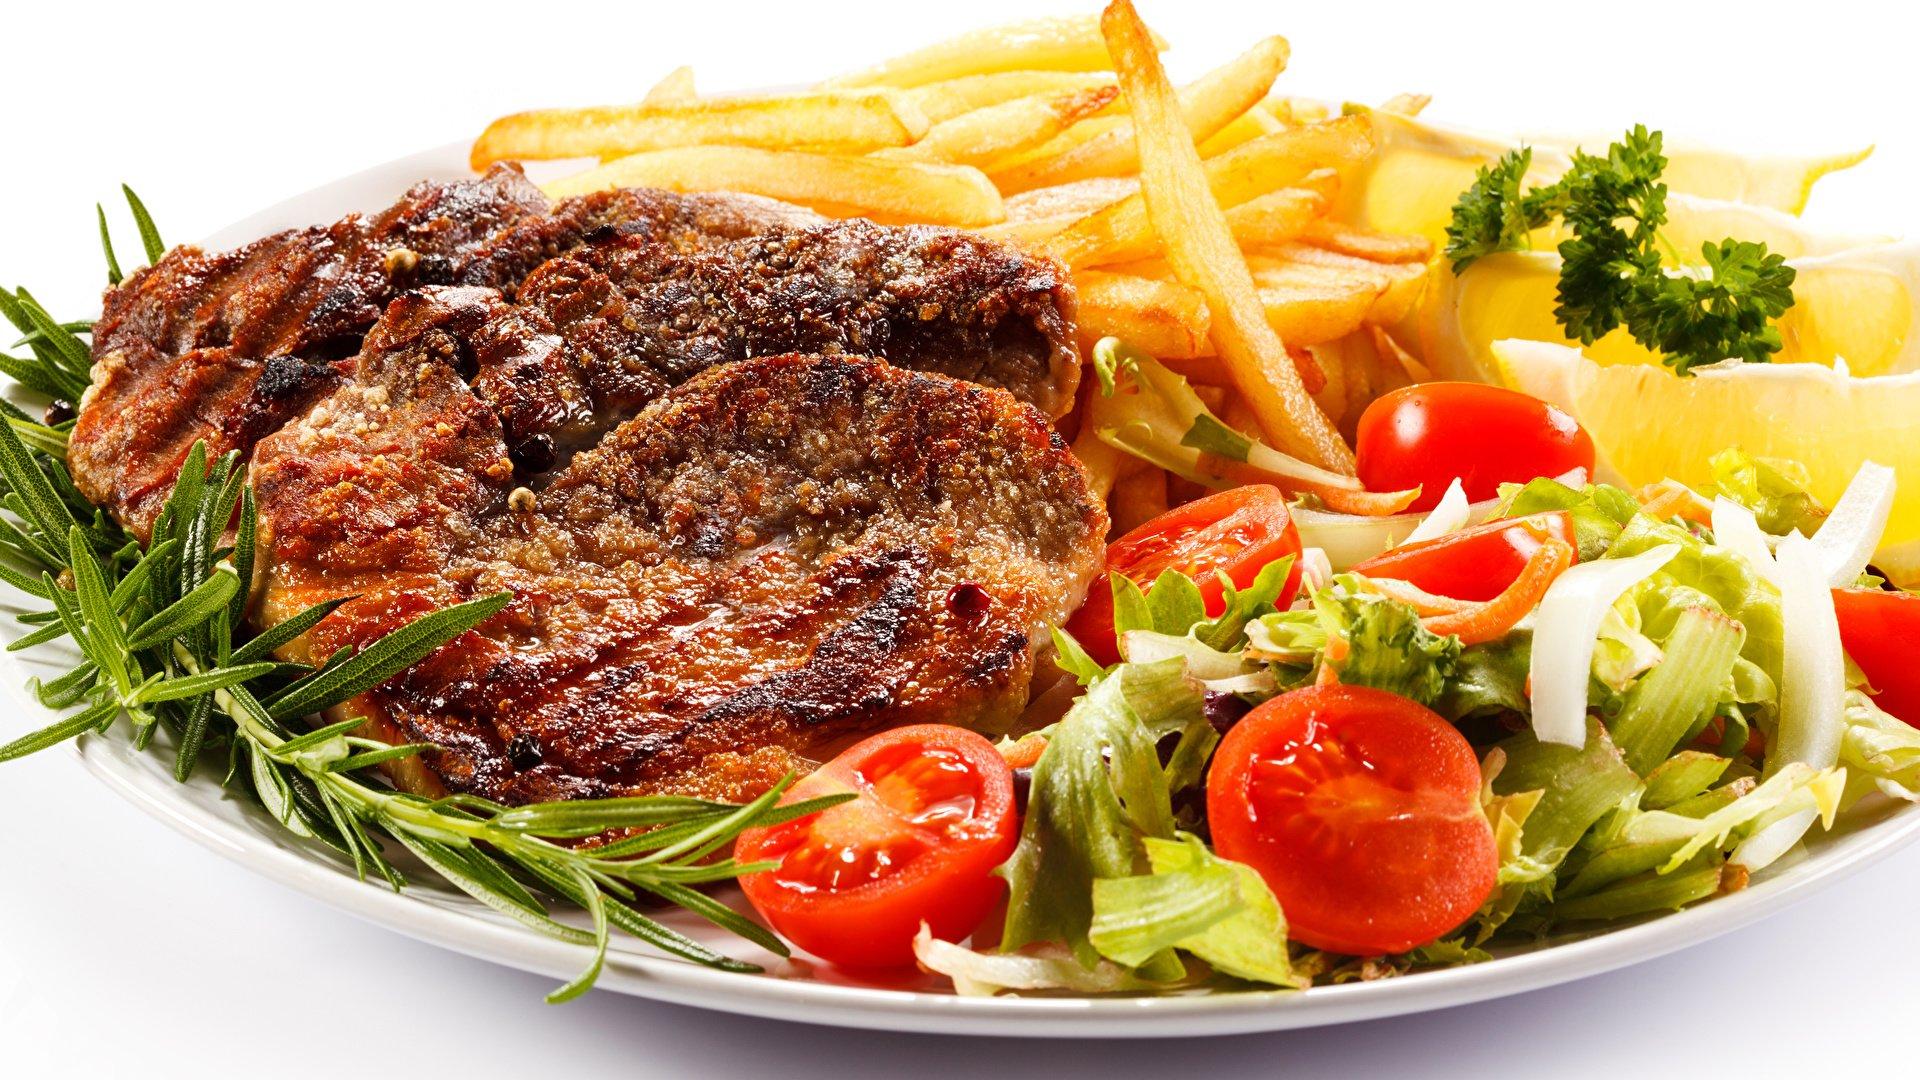 13 ماده غذایی سالم که ما در دوران زندگی آنها را اشتباه مصرف کردهایم